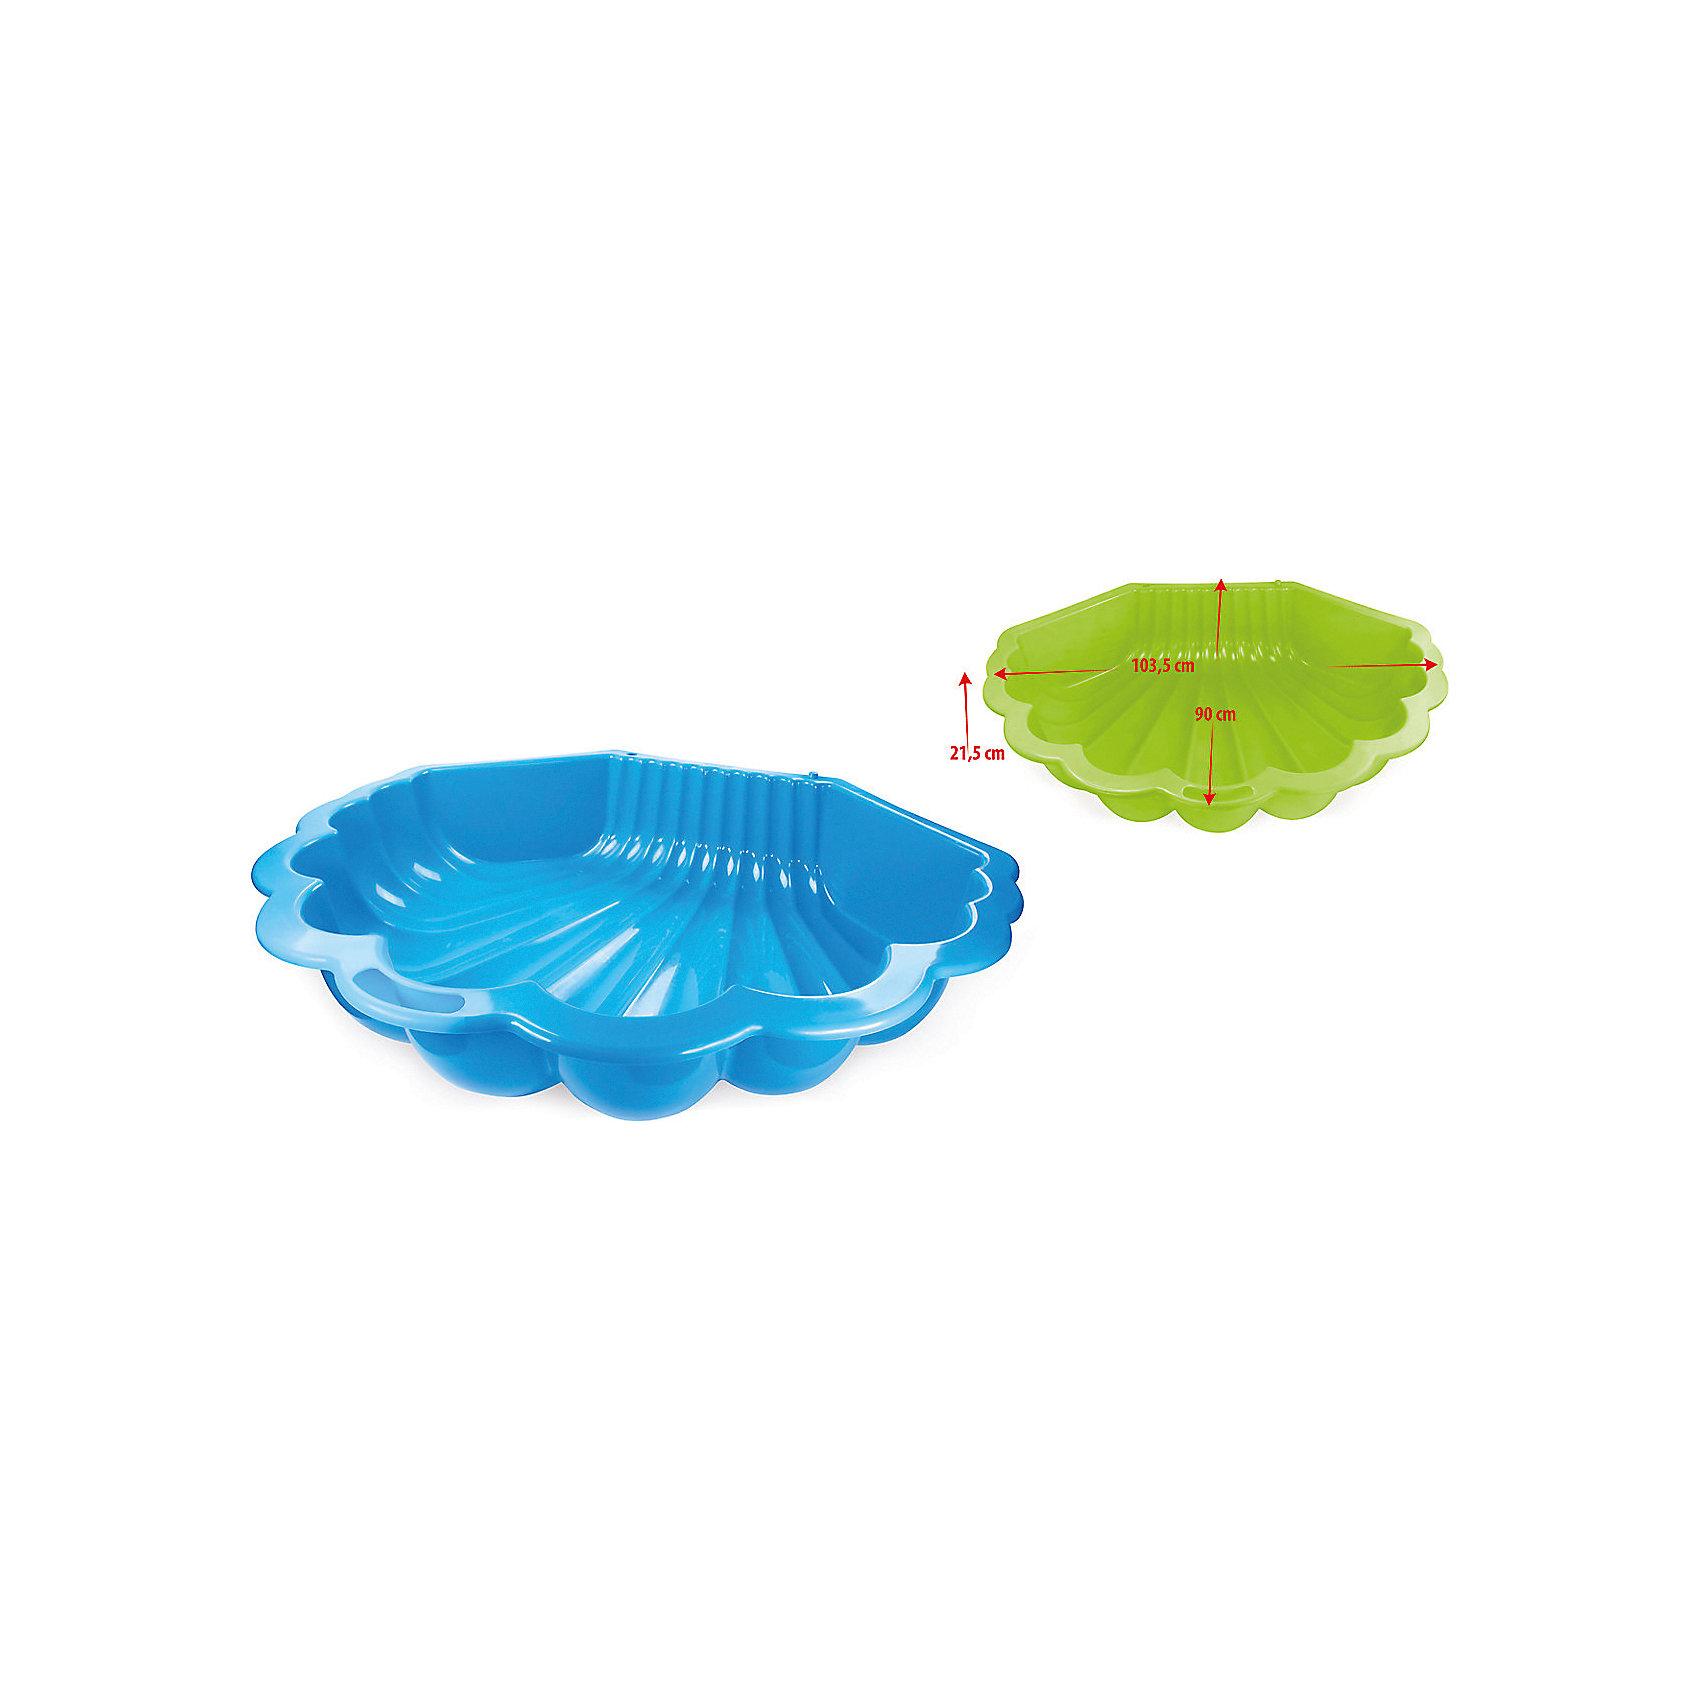 Песочница Ракушка, MacyszynИграем в песочнице<br>Песочница Ракушка, Macyszyn.<br><br>Характеристики:<br><br>• Для детей в возрасте: от 1 года<br>• Размер: 108х78х19 см.<br>• Материал: пластик<br>• Цвет: красный<br>• Вес в упаковке: 1,6 кг.<br><br>Яркая песочница Ракушка (одинарная) изготовлена из высококачественного экологически чистого пластика, устойчивого к воздействию температур. Поверхность песочницы не выгорает на солнце. Песочница не имеет острых углов. Она легкая и компактная. Выступы с двух сторон выполняют функции скамеечек. Может использоваться и как песочница, и как мини бассейн. С такой песочницей Вы будет спокойны за чистоту песка, в котором играет ребенок. Дома песочницу можно использовать для игры с кинетическим песком и для хранения игрушек.<br><br>Песочницу Ракушка, Macyszyn можно купить в нашем интернет-магазине.<br><br>Ширина мм: 1080<br>Глубина мм: 780<br>Высота мм: 190<br>Вес г: 1600<br>Возраст от месяцев: 12<br>Возраст до месяцев: 120<br>Пол: Унисекс<br>Возраст: Детский<br>SKU: 5510727